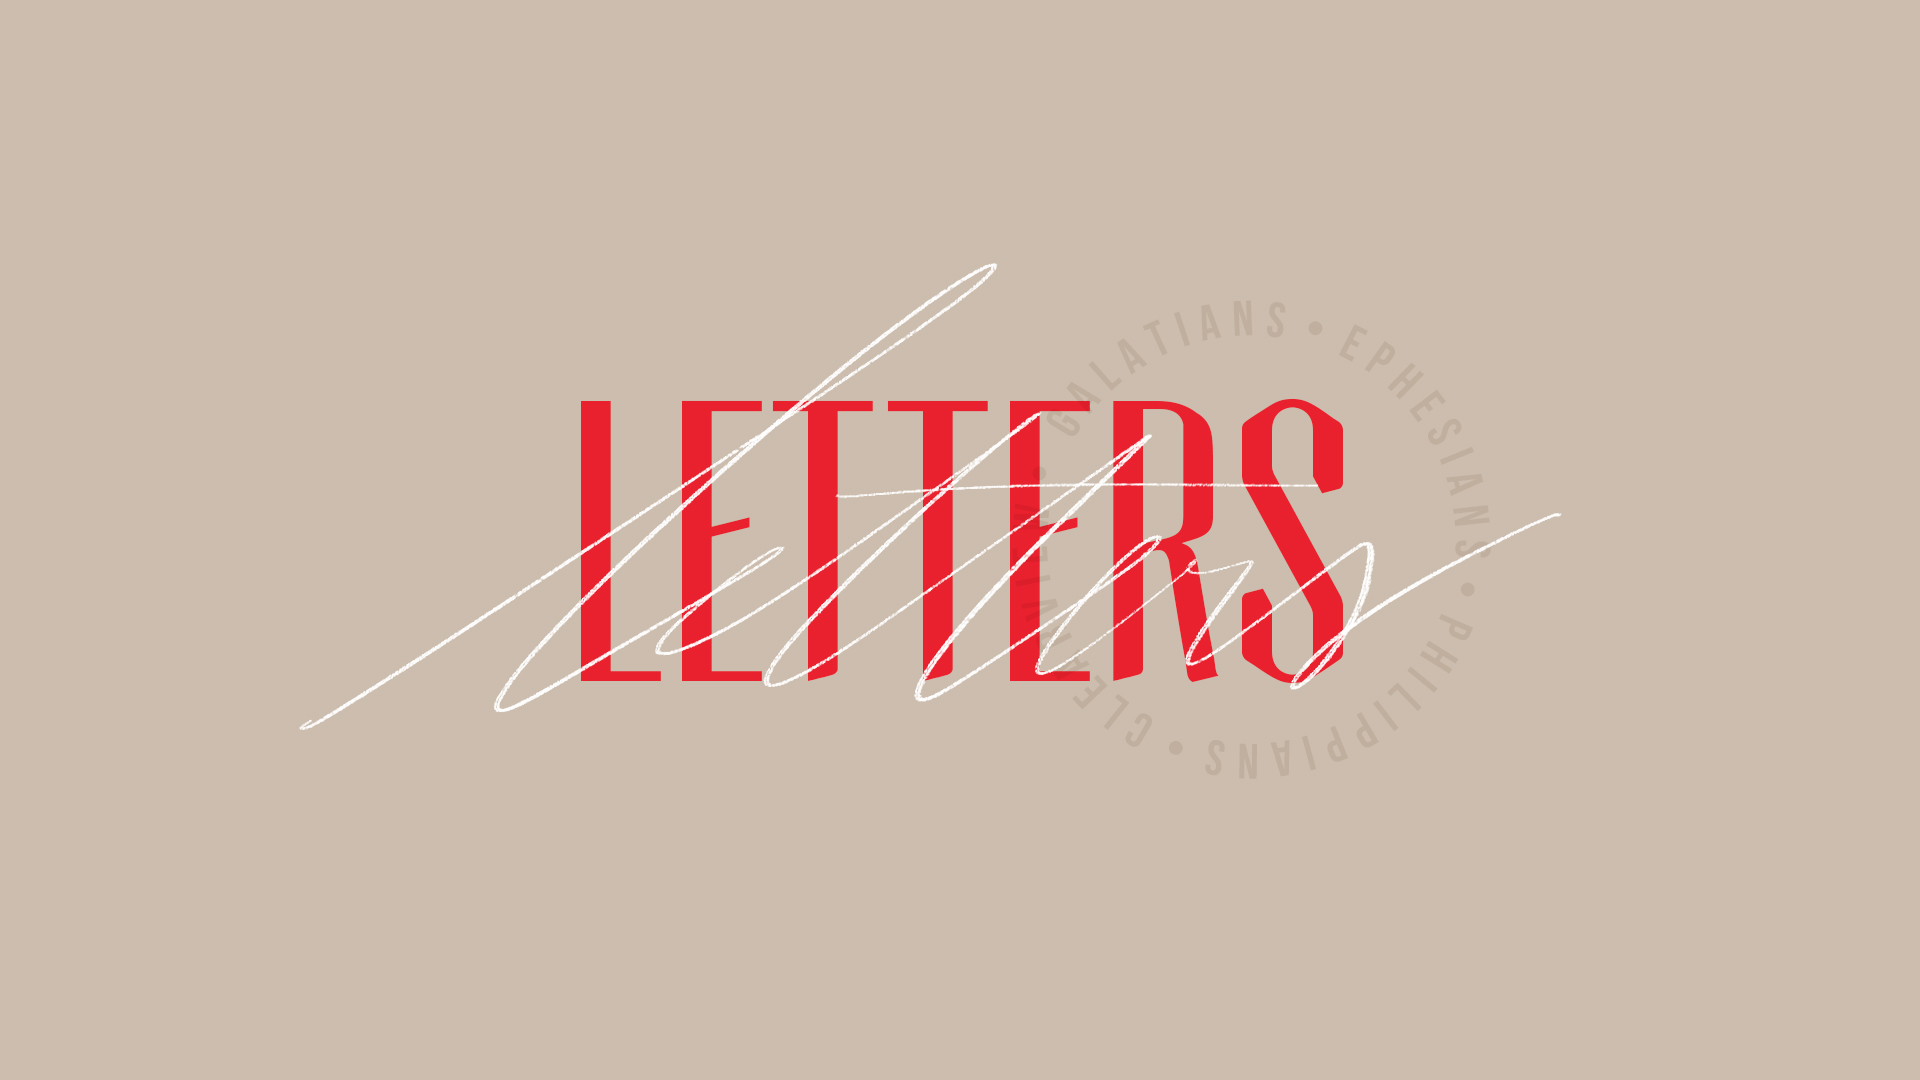 letters_screen.jpg